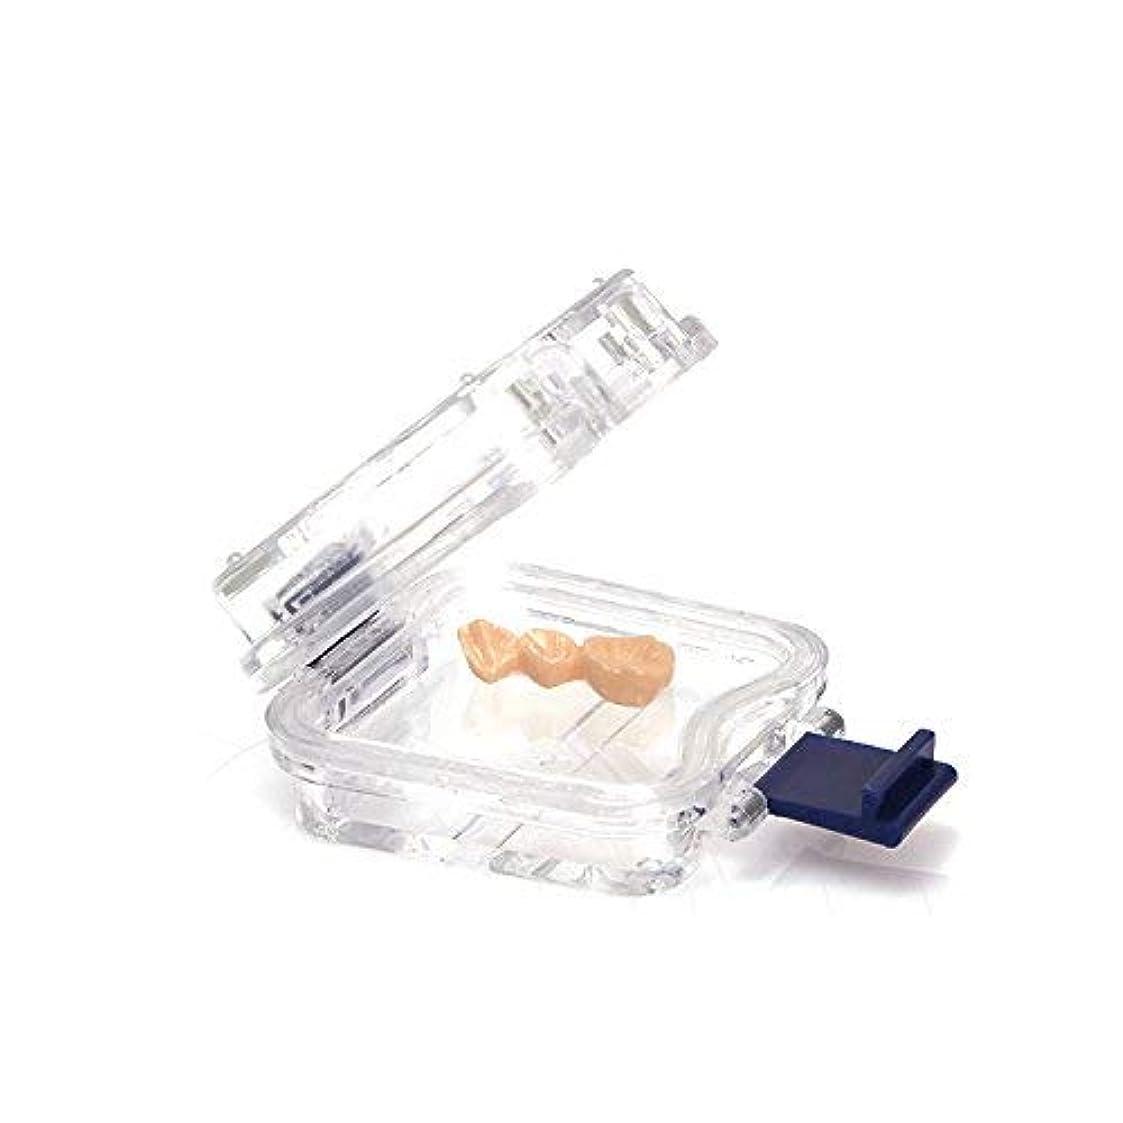 影のある神聖司書入れ歯ケース膜付き 5pcs/lot 義歯ケース 防振入れ歯ケース 小サイズ Annhua